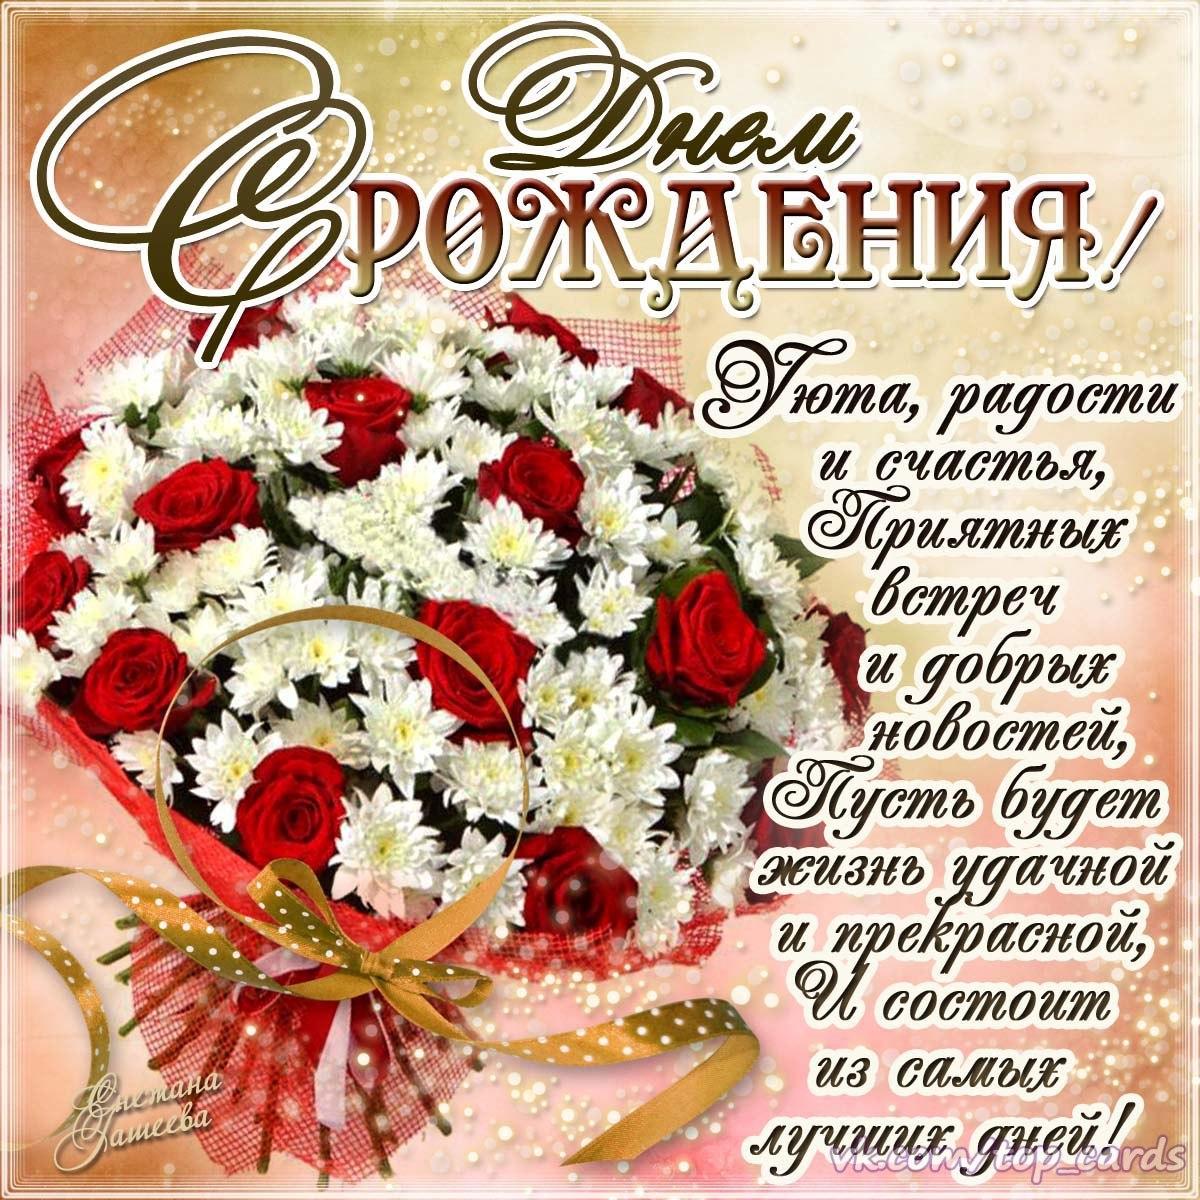 Поздравление с днем рожденья по-славянски фото 530